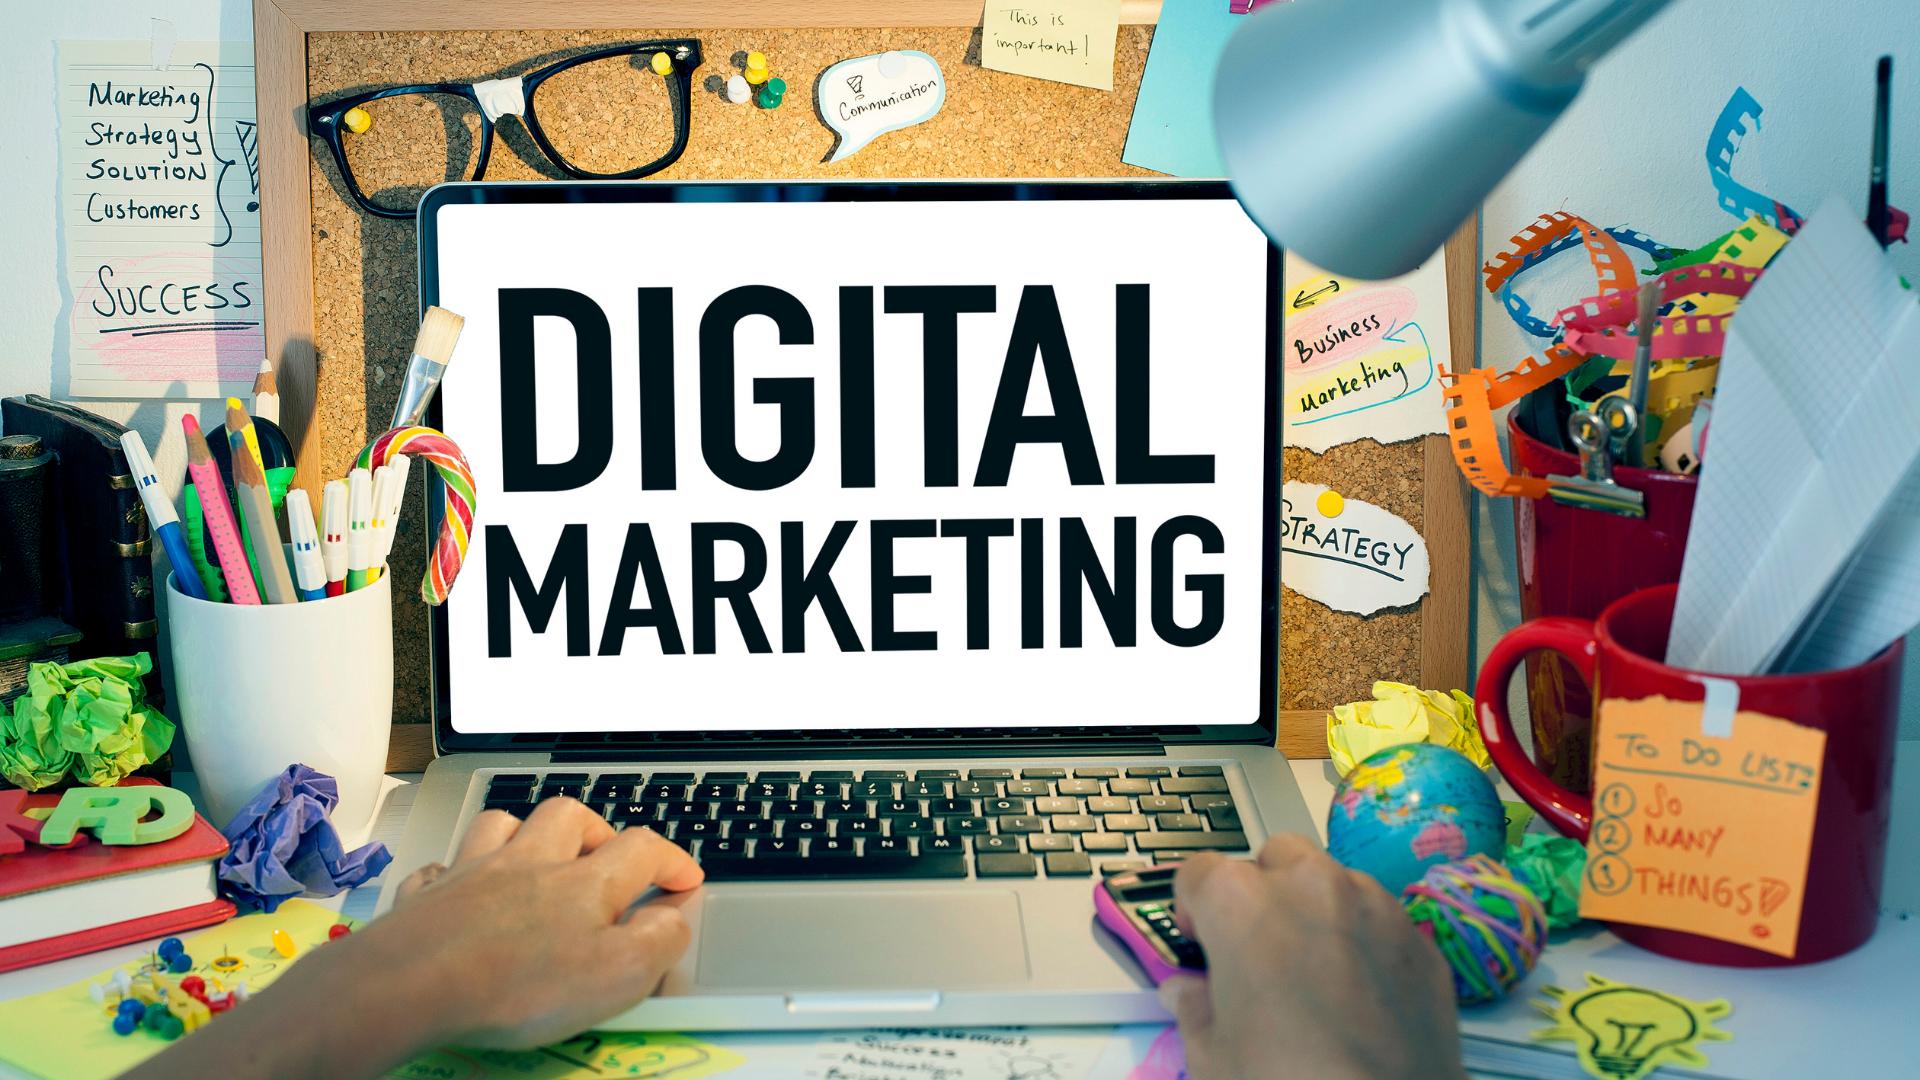 Ilustrație digital marketing